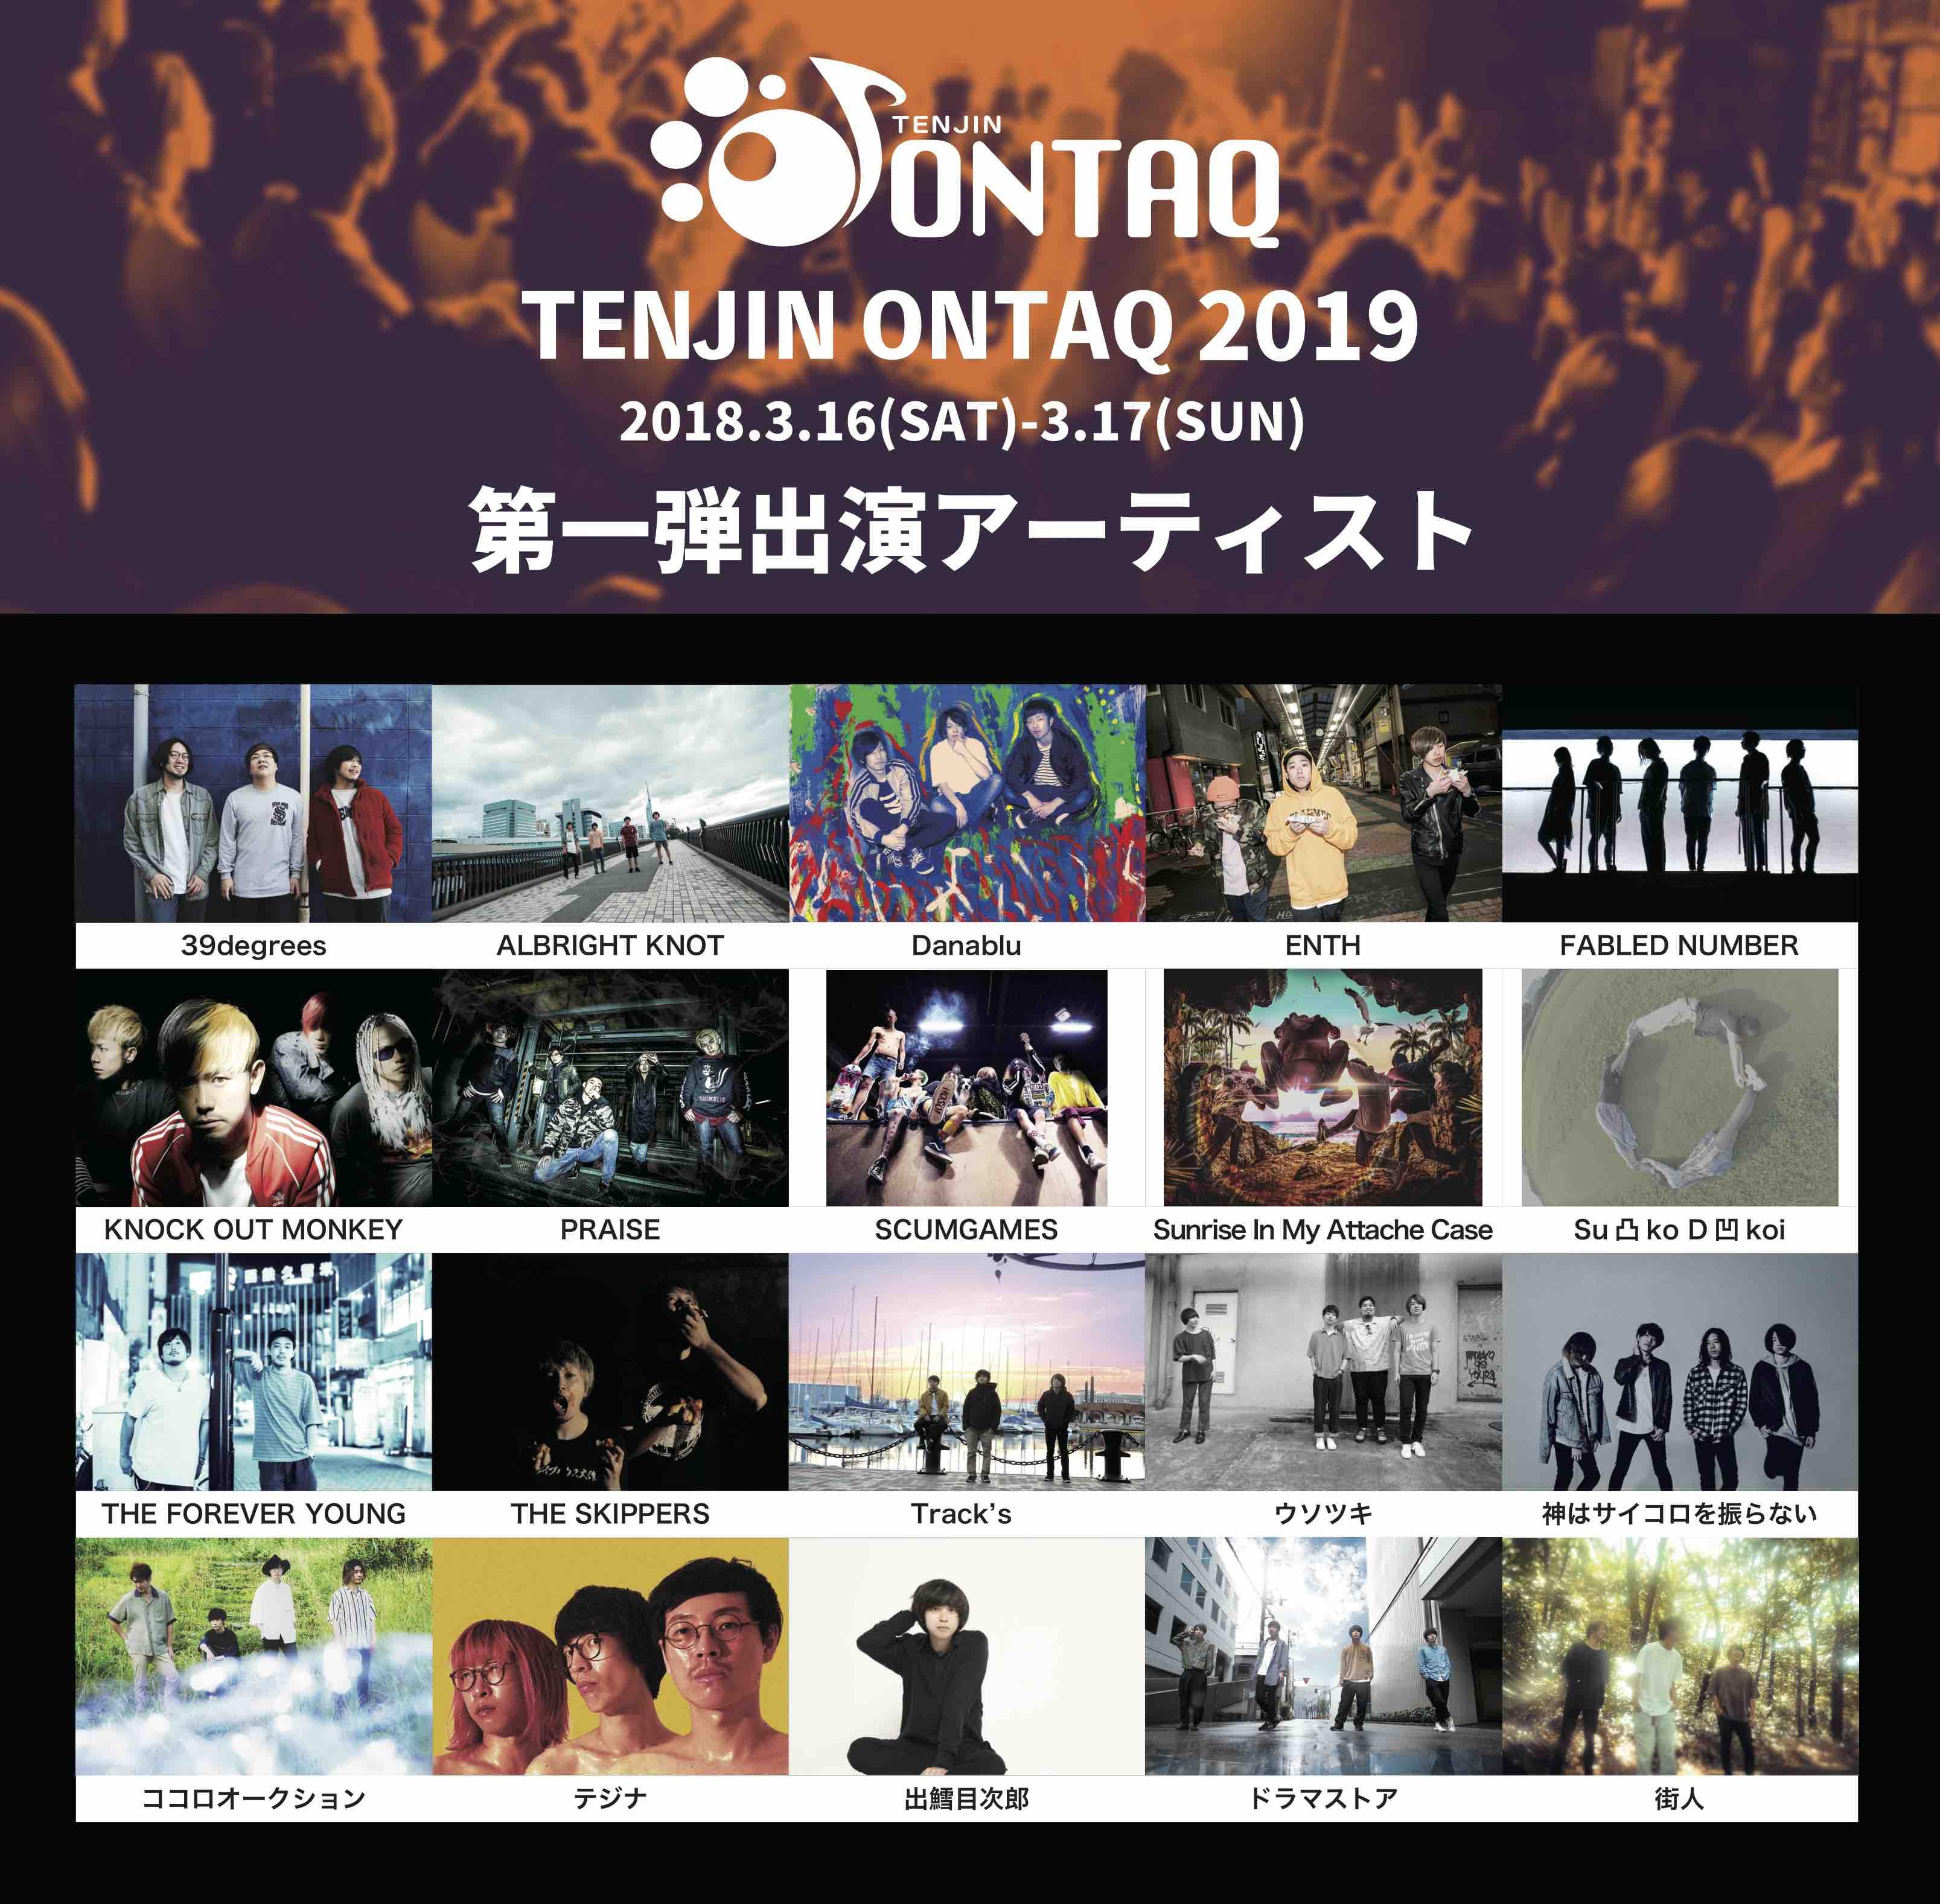 ONTAQ201920